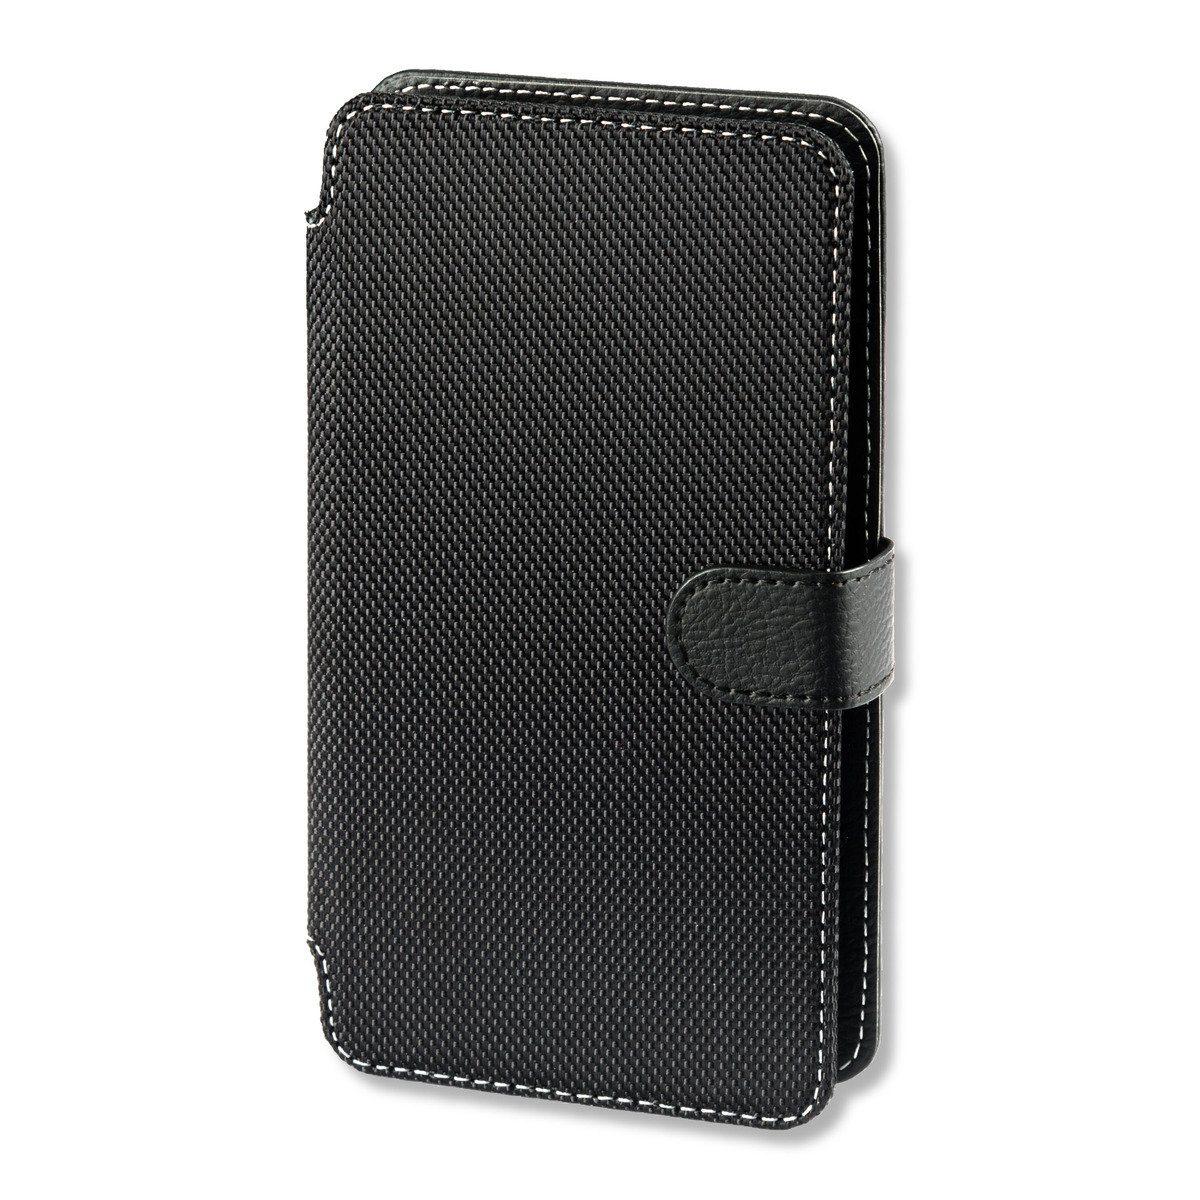 4Smarts Handytasche »SOHO Book Universal-Tasche bis 14,48 cm (5,7 Zoll)«